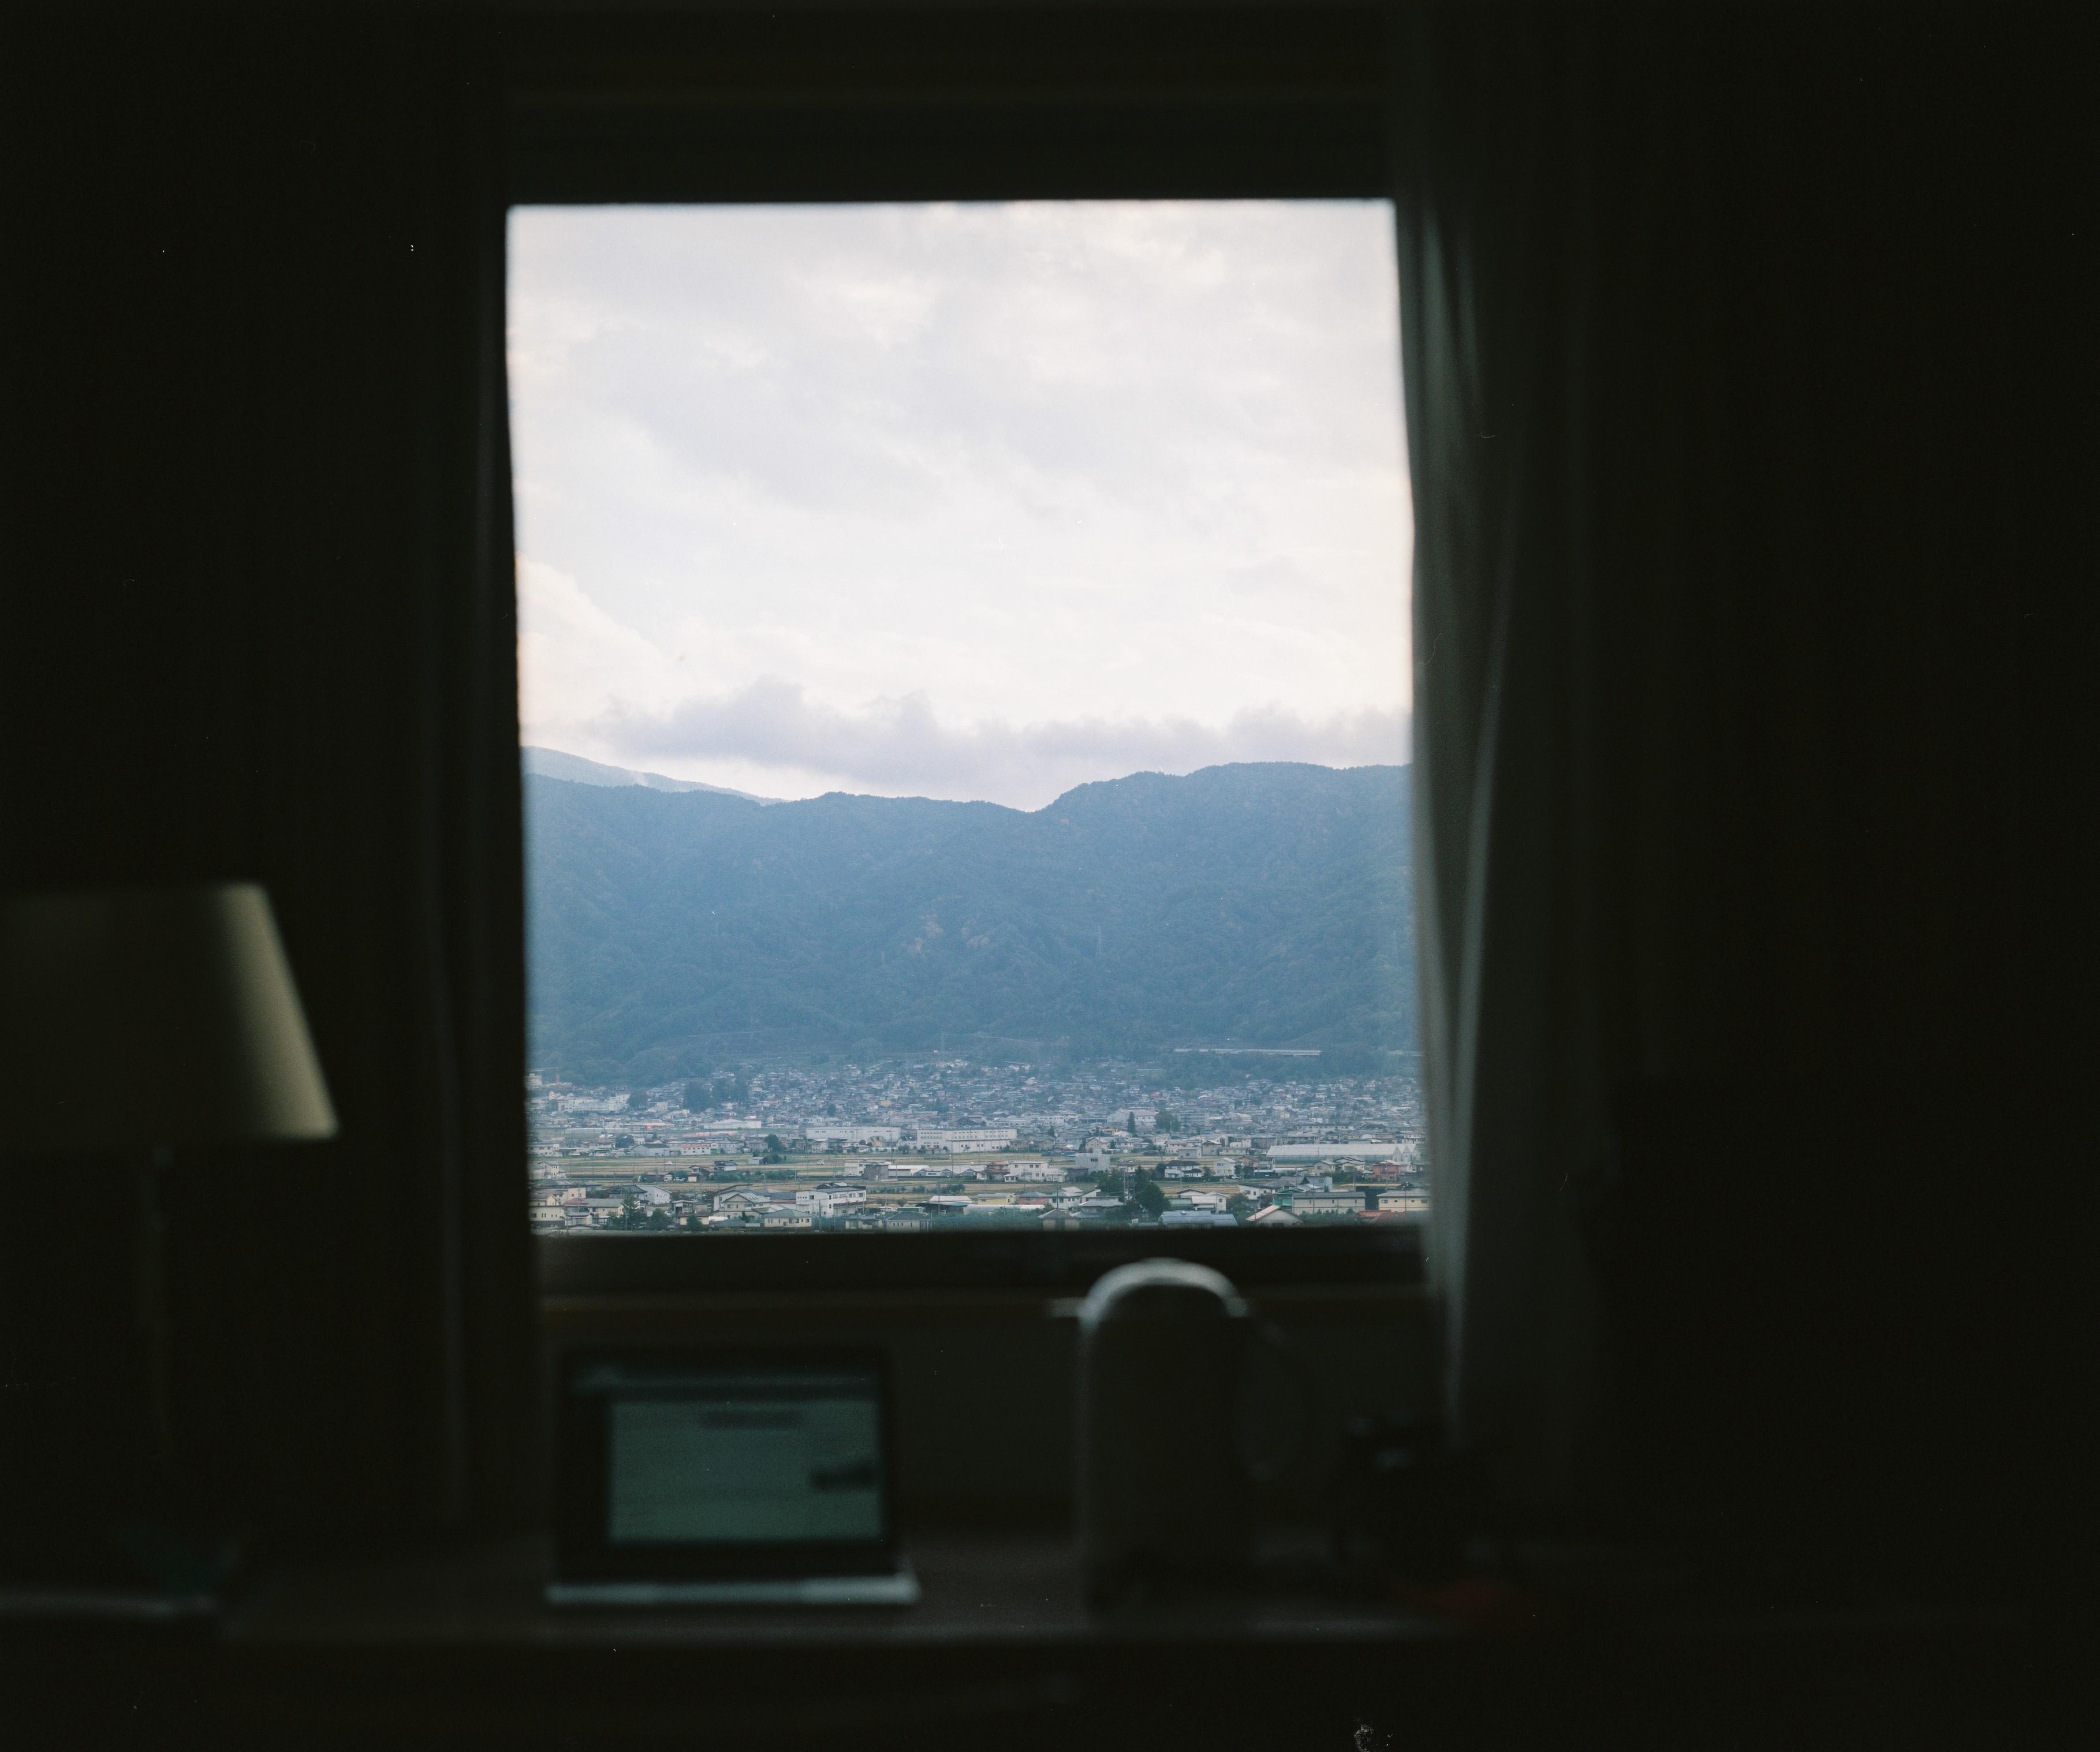 ホテルの窓から眺める諏訪の町並み